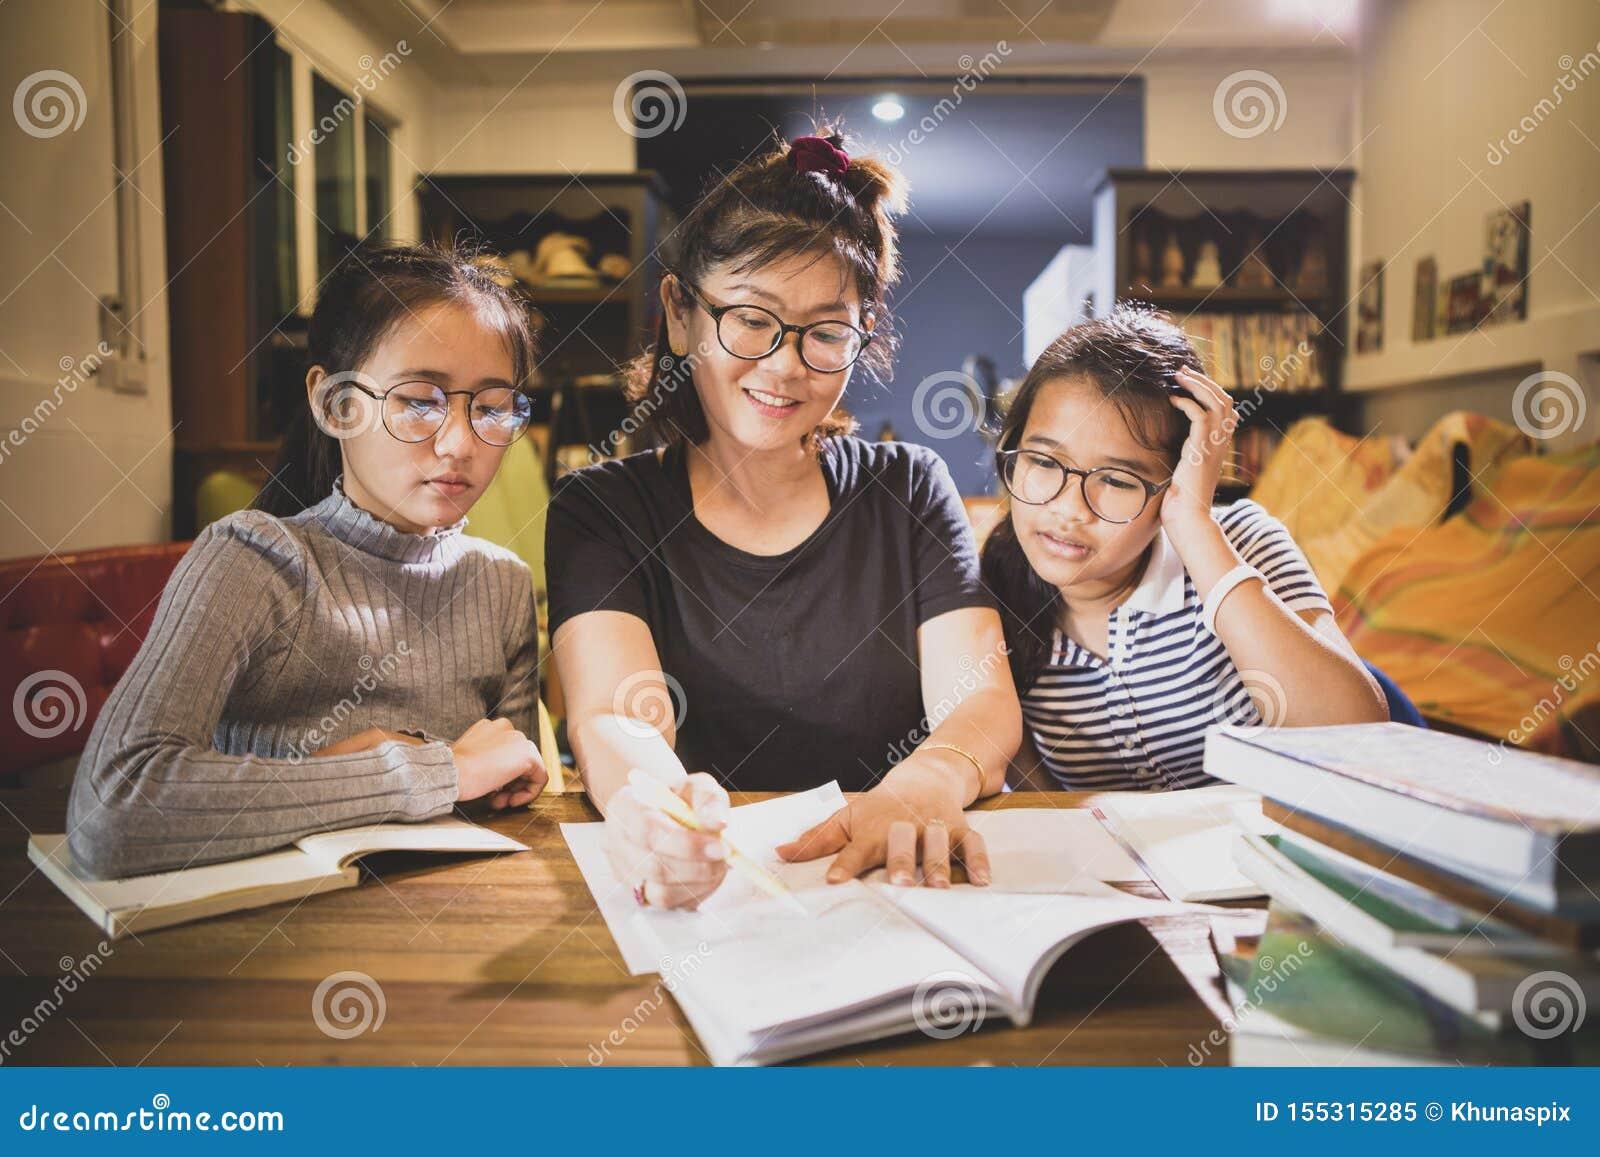 Asiatisk toothy le framsida för tonåringstudent- och kvinnalärare i modernt grupprum